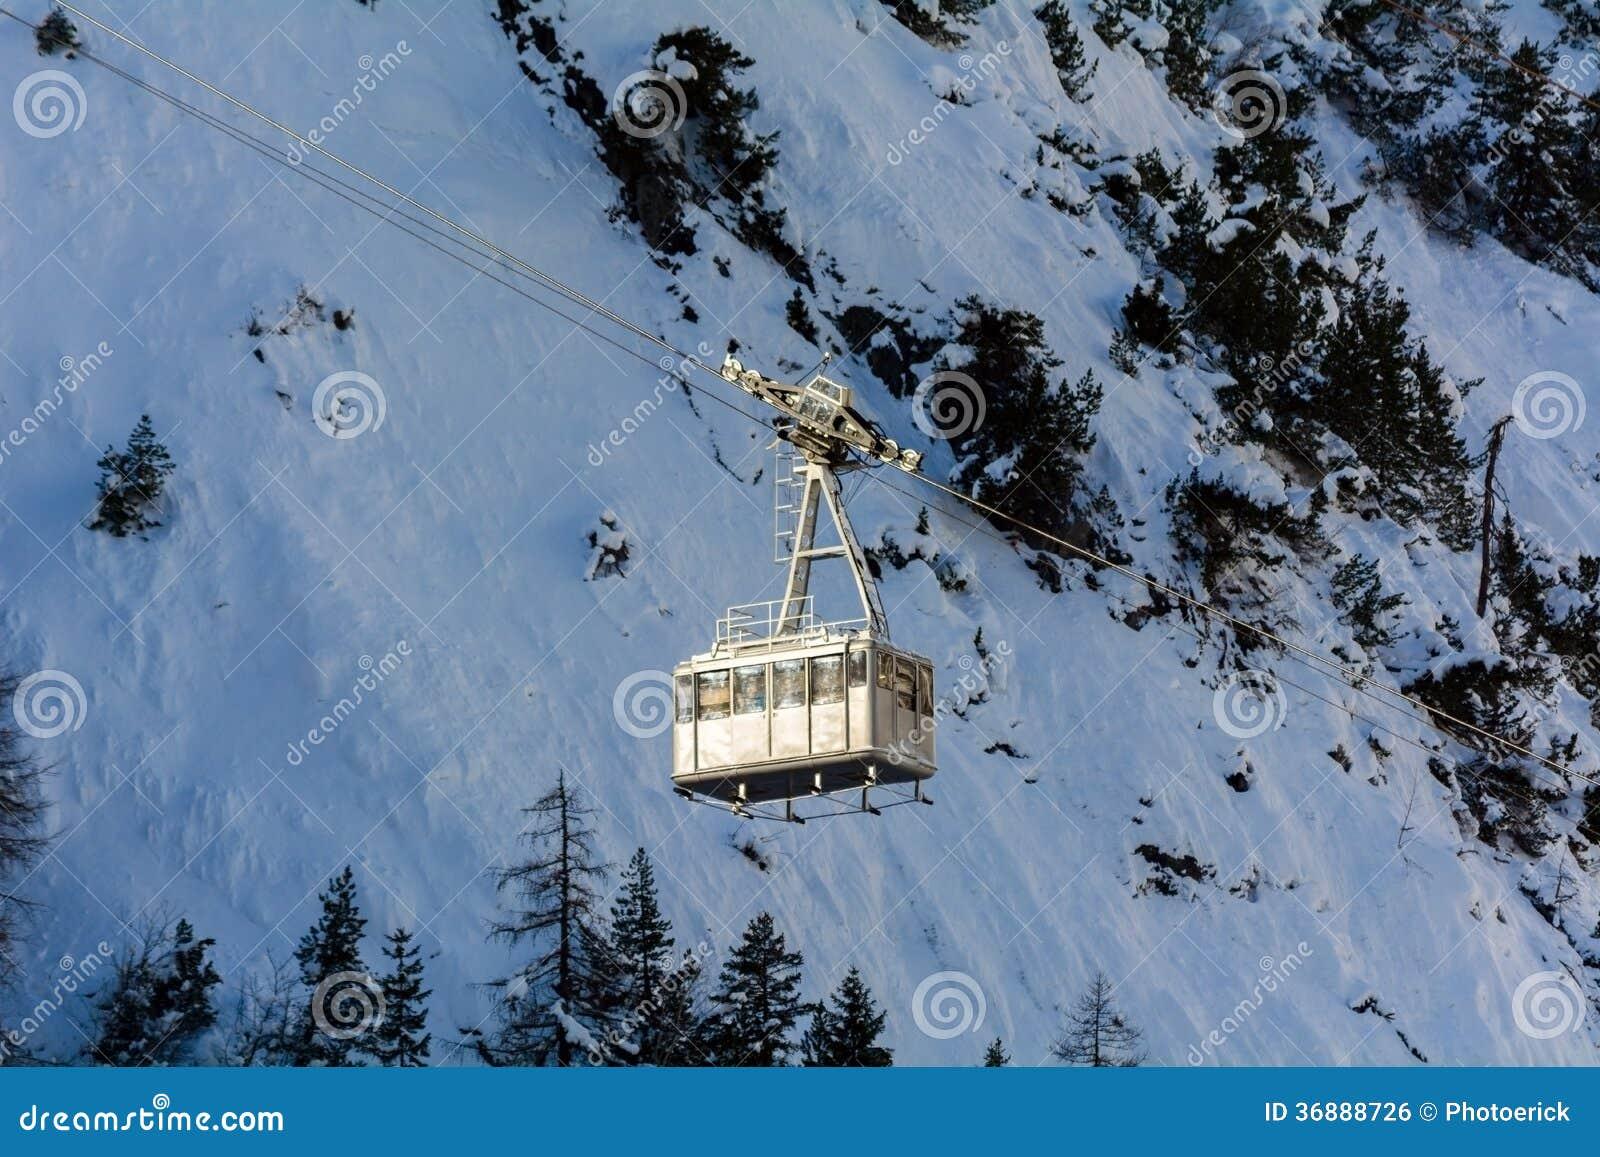 Download Teleferica Per Gli Sciatori Fotografia Stock - Immagine di trasporto, carrello: 36888726